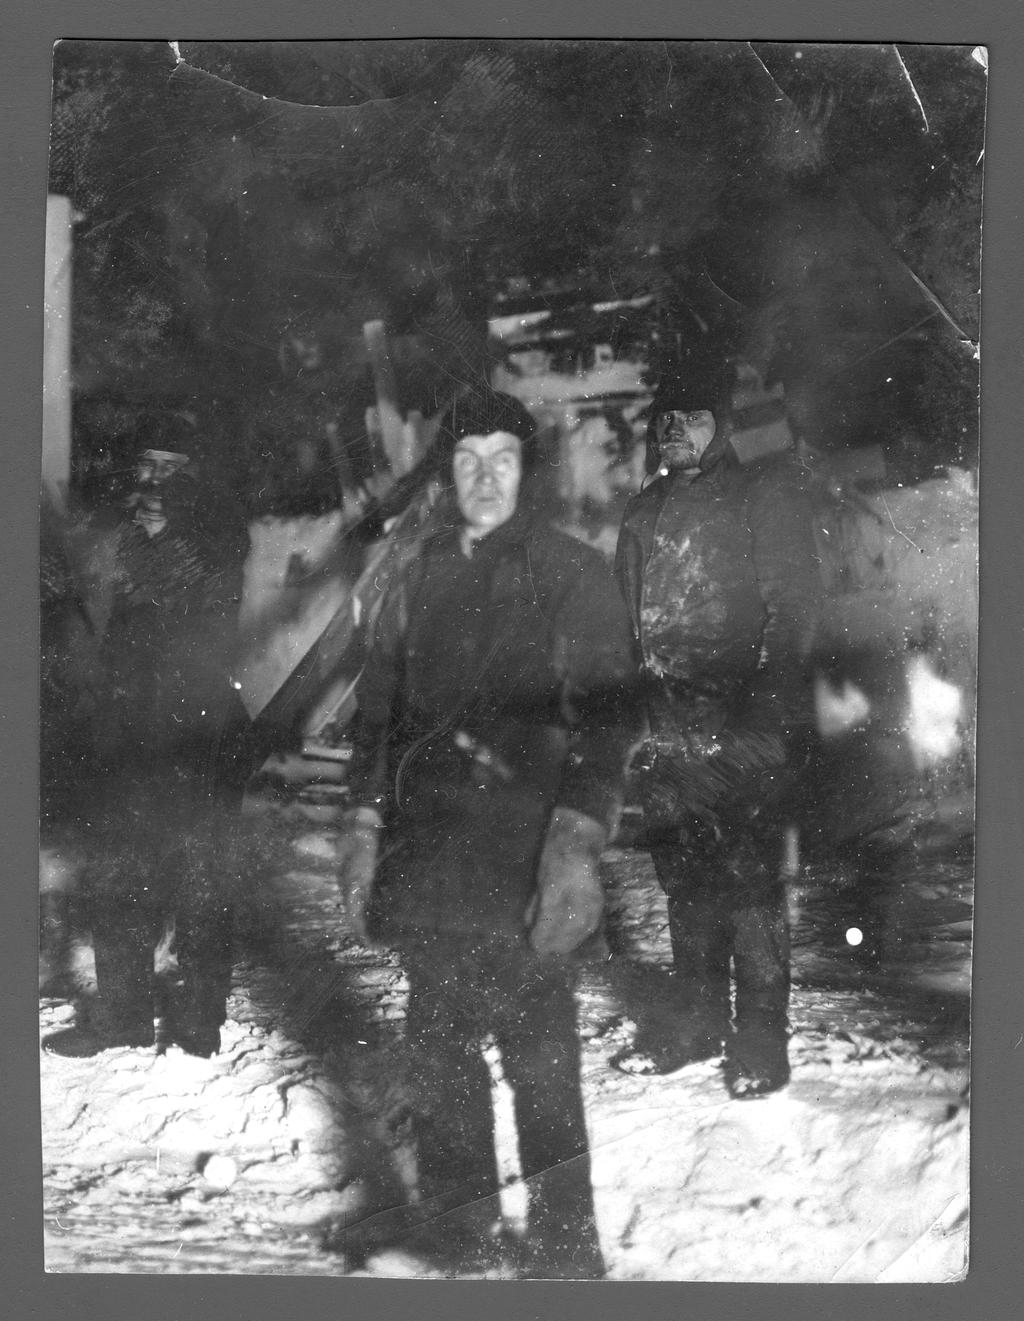 Участники экспедиции Седова Г. Я. во время зимовки